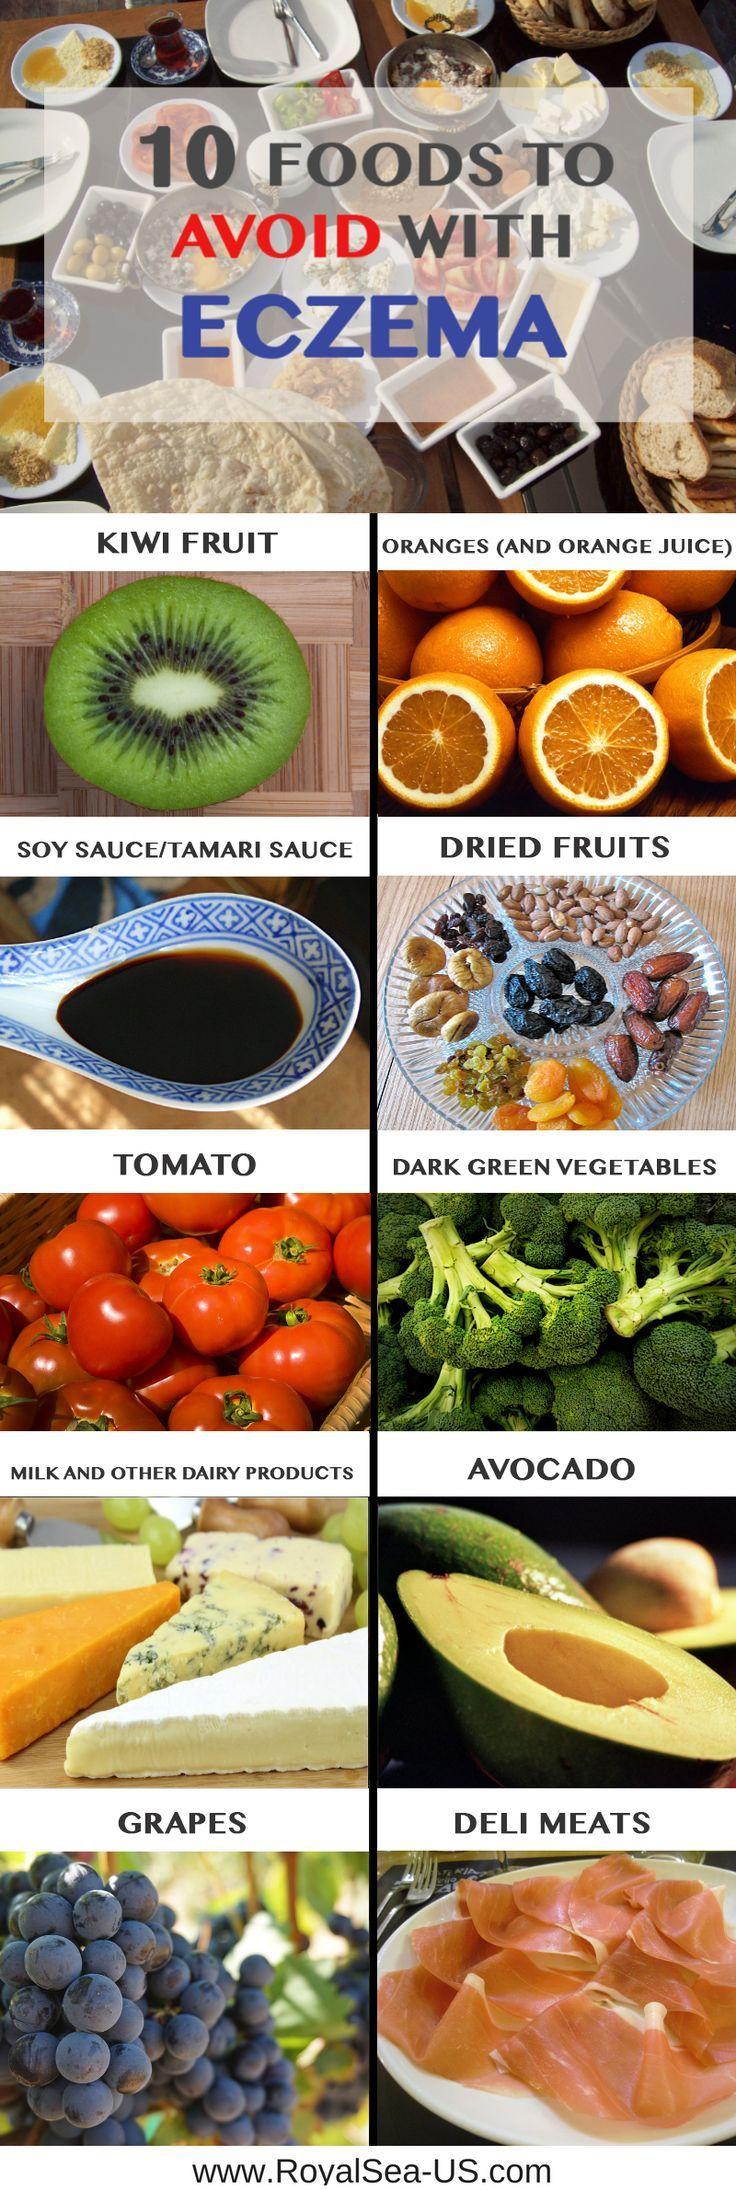 9 ways to help your psoriasis eczema diet foods to